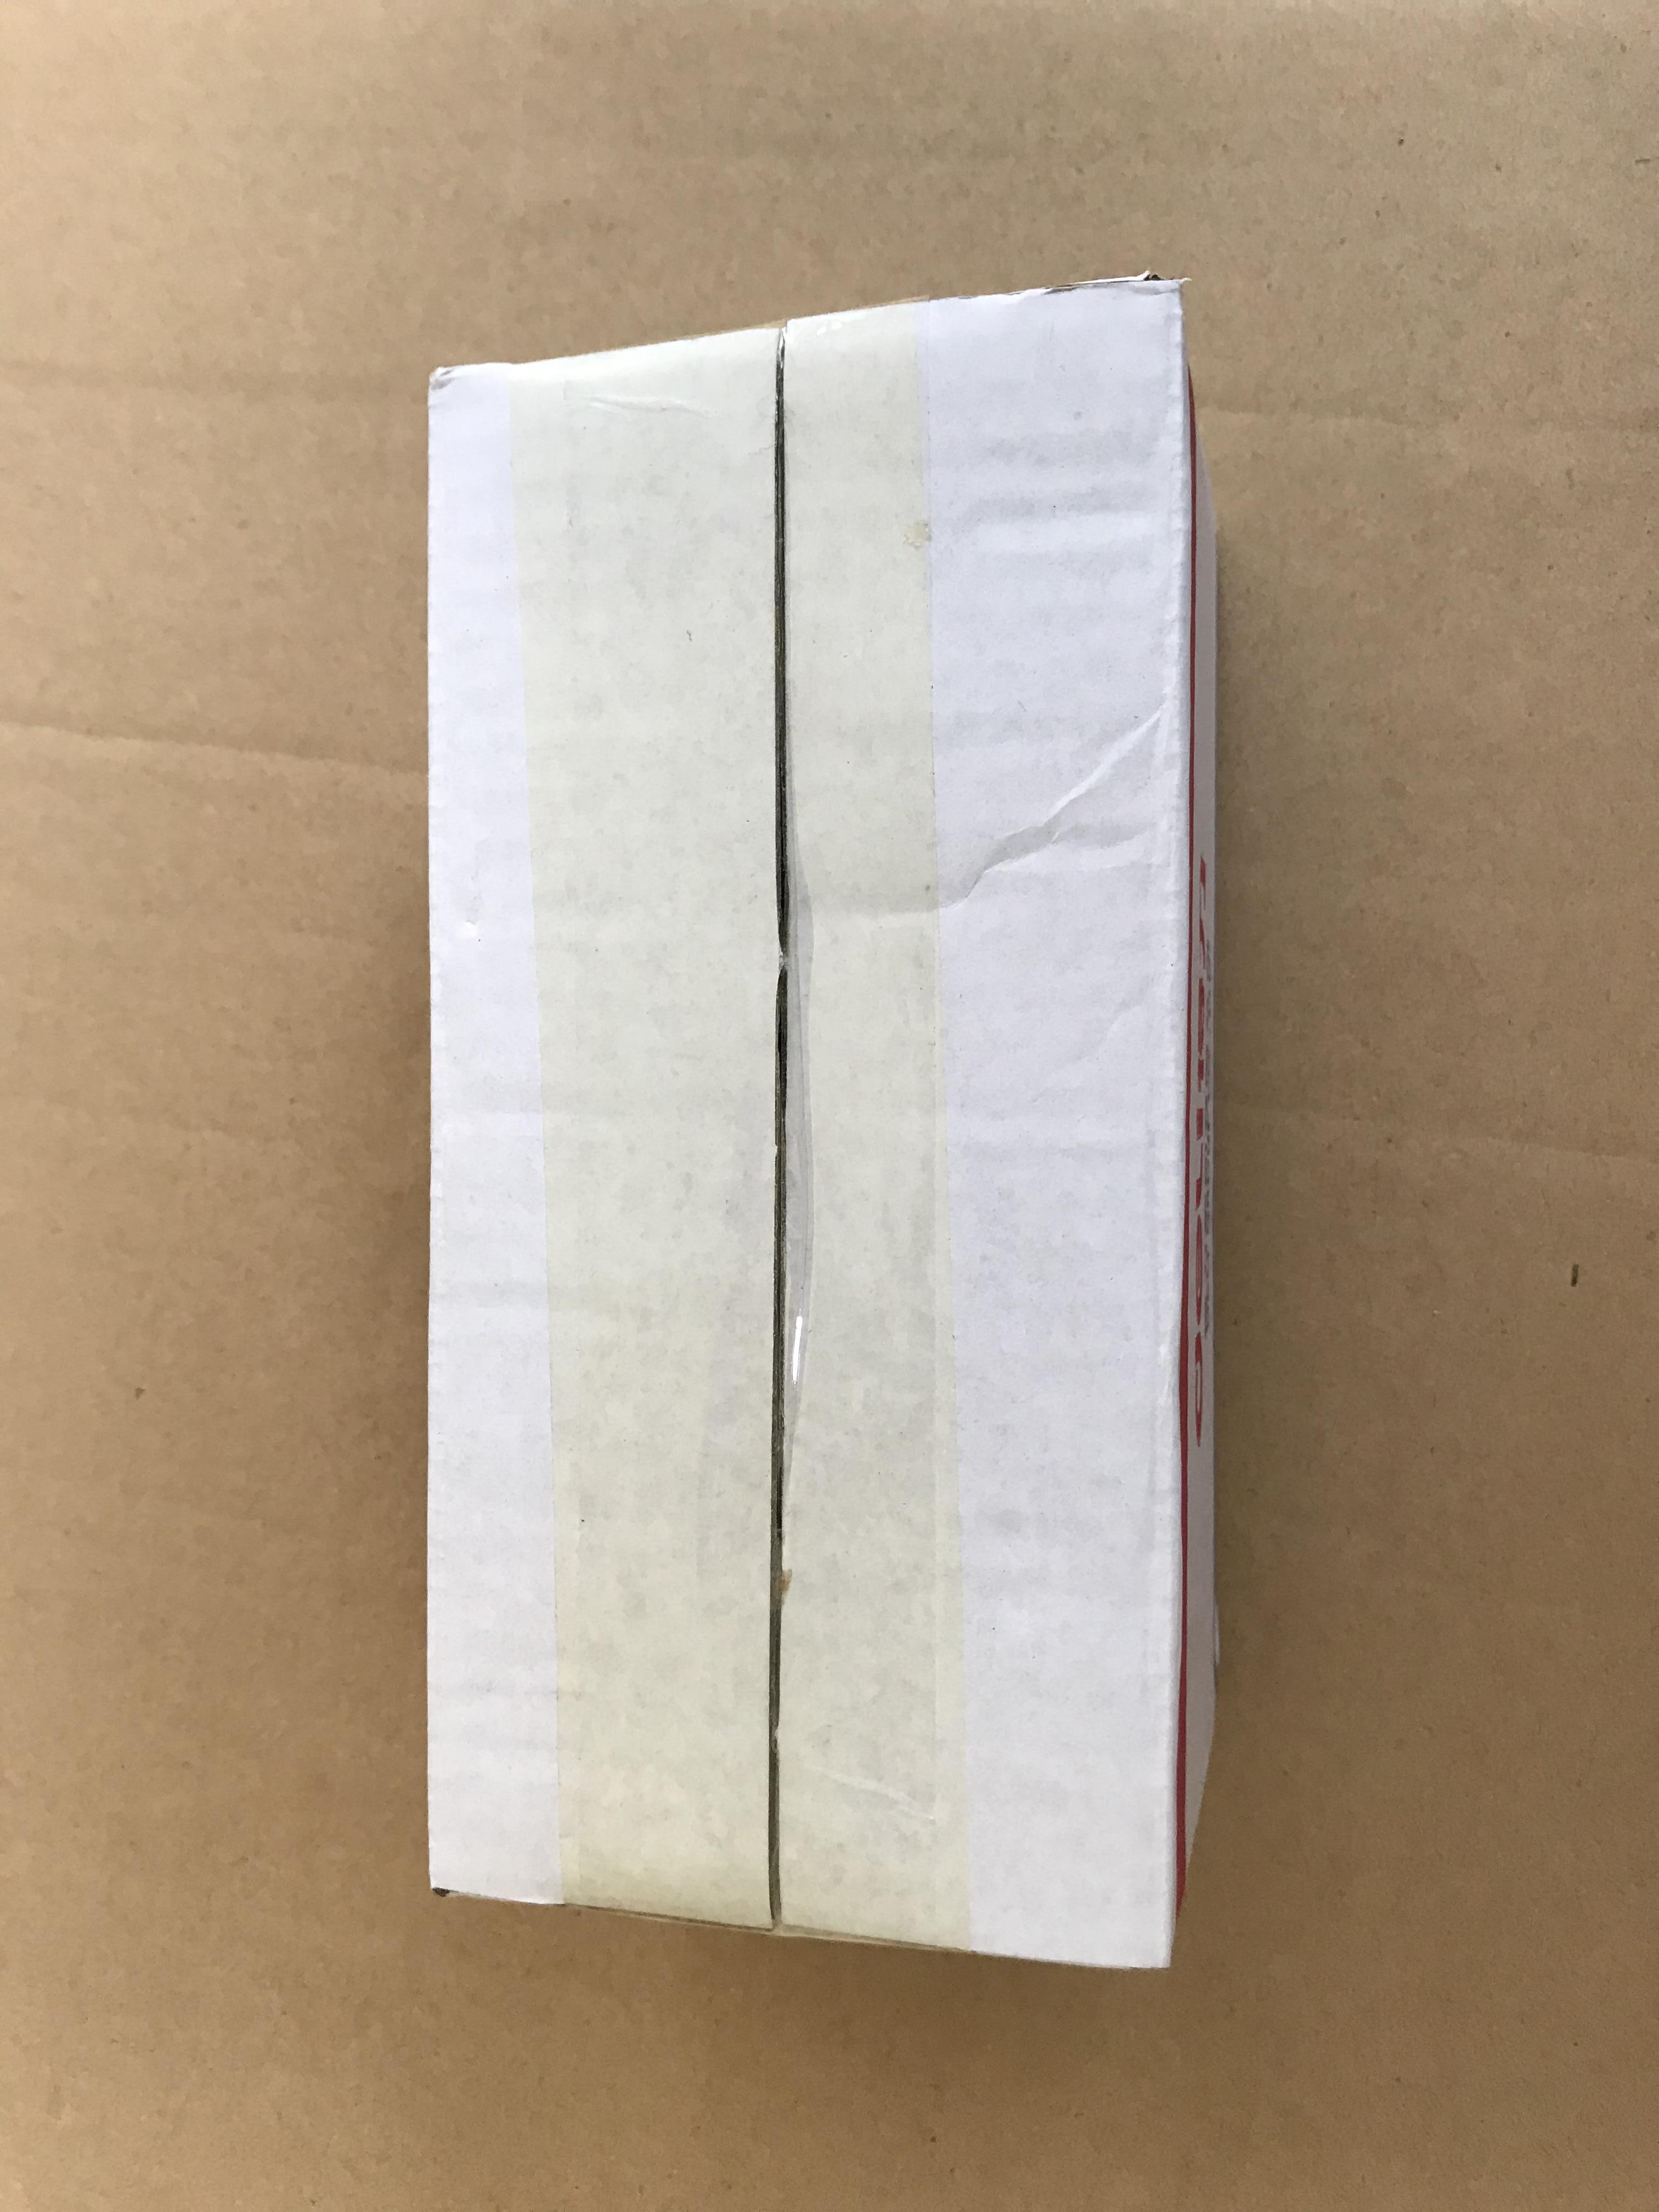 Зажимы для бумаги из розового золота 28 мм в пластиковой коробке, держатель для бумажных зажимов для офисных принадлежностей, Настольный Органайзер